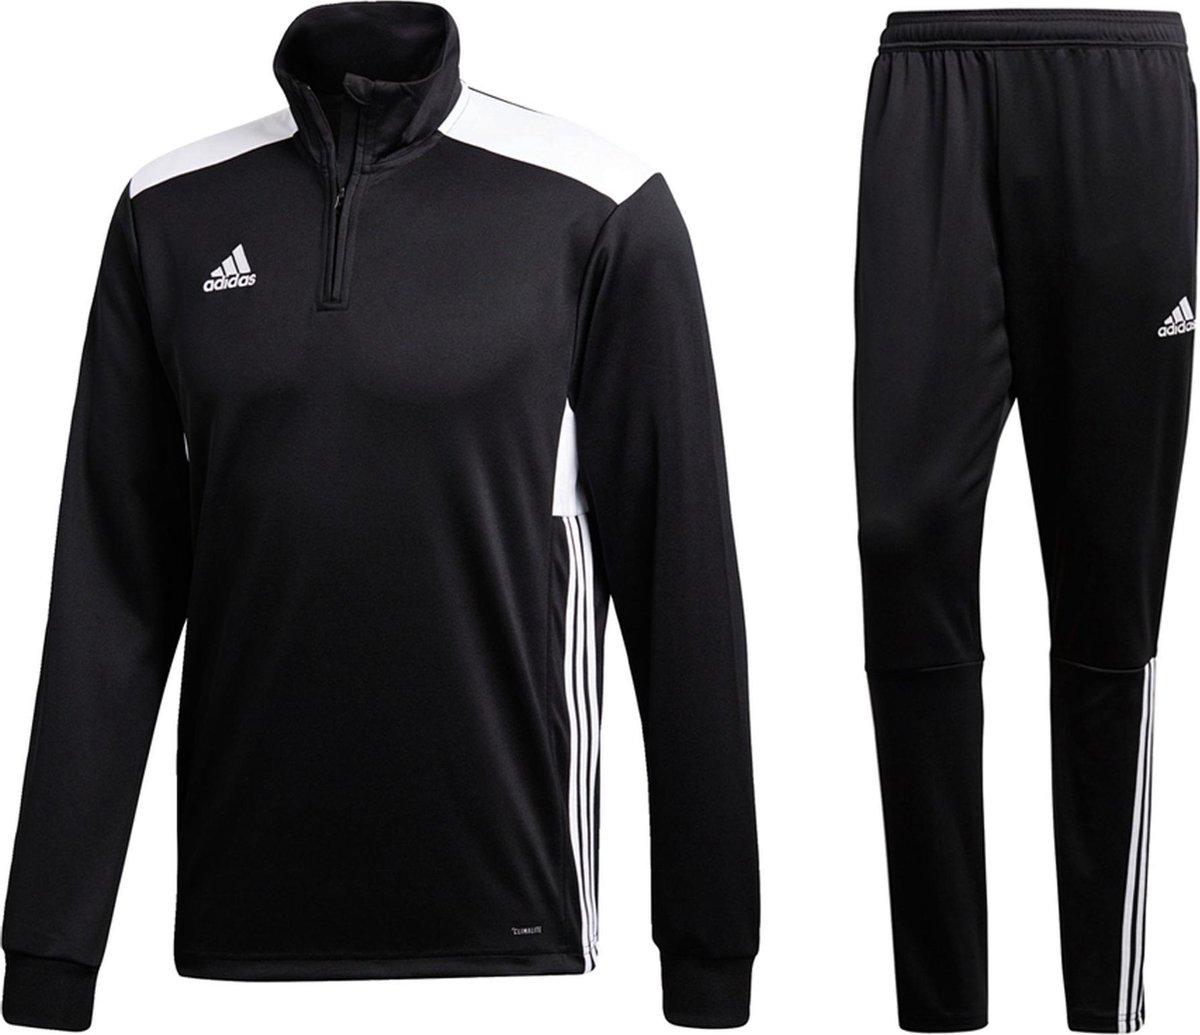 adidas adidas Regista 18 Trainingspak - Maat L  - Mannen - zwart,wit